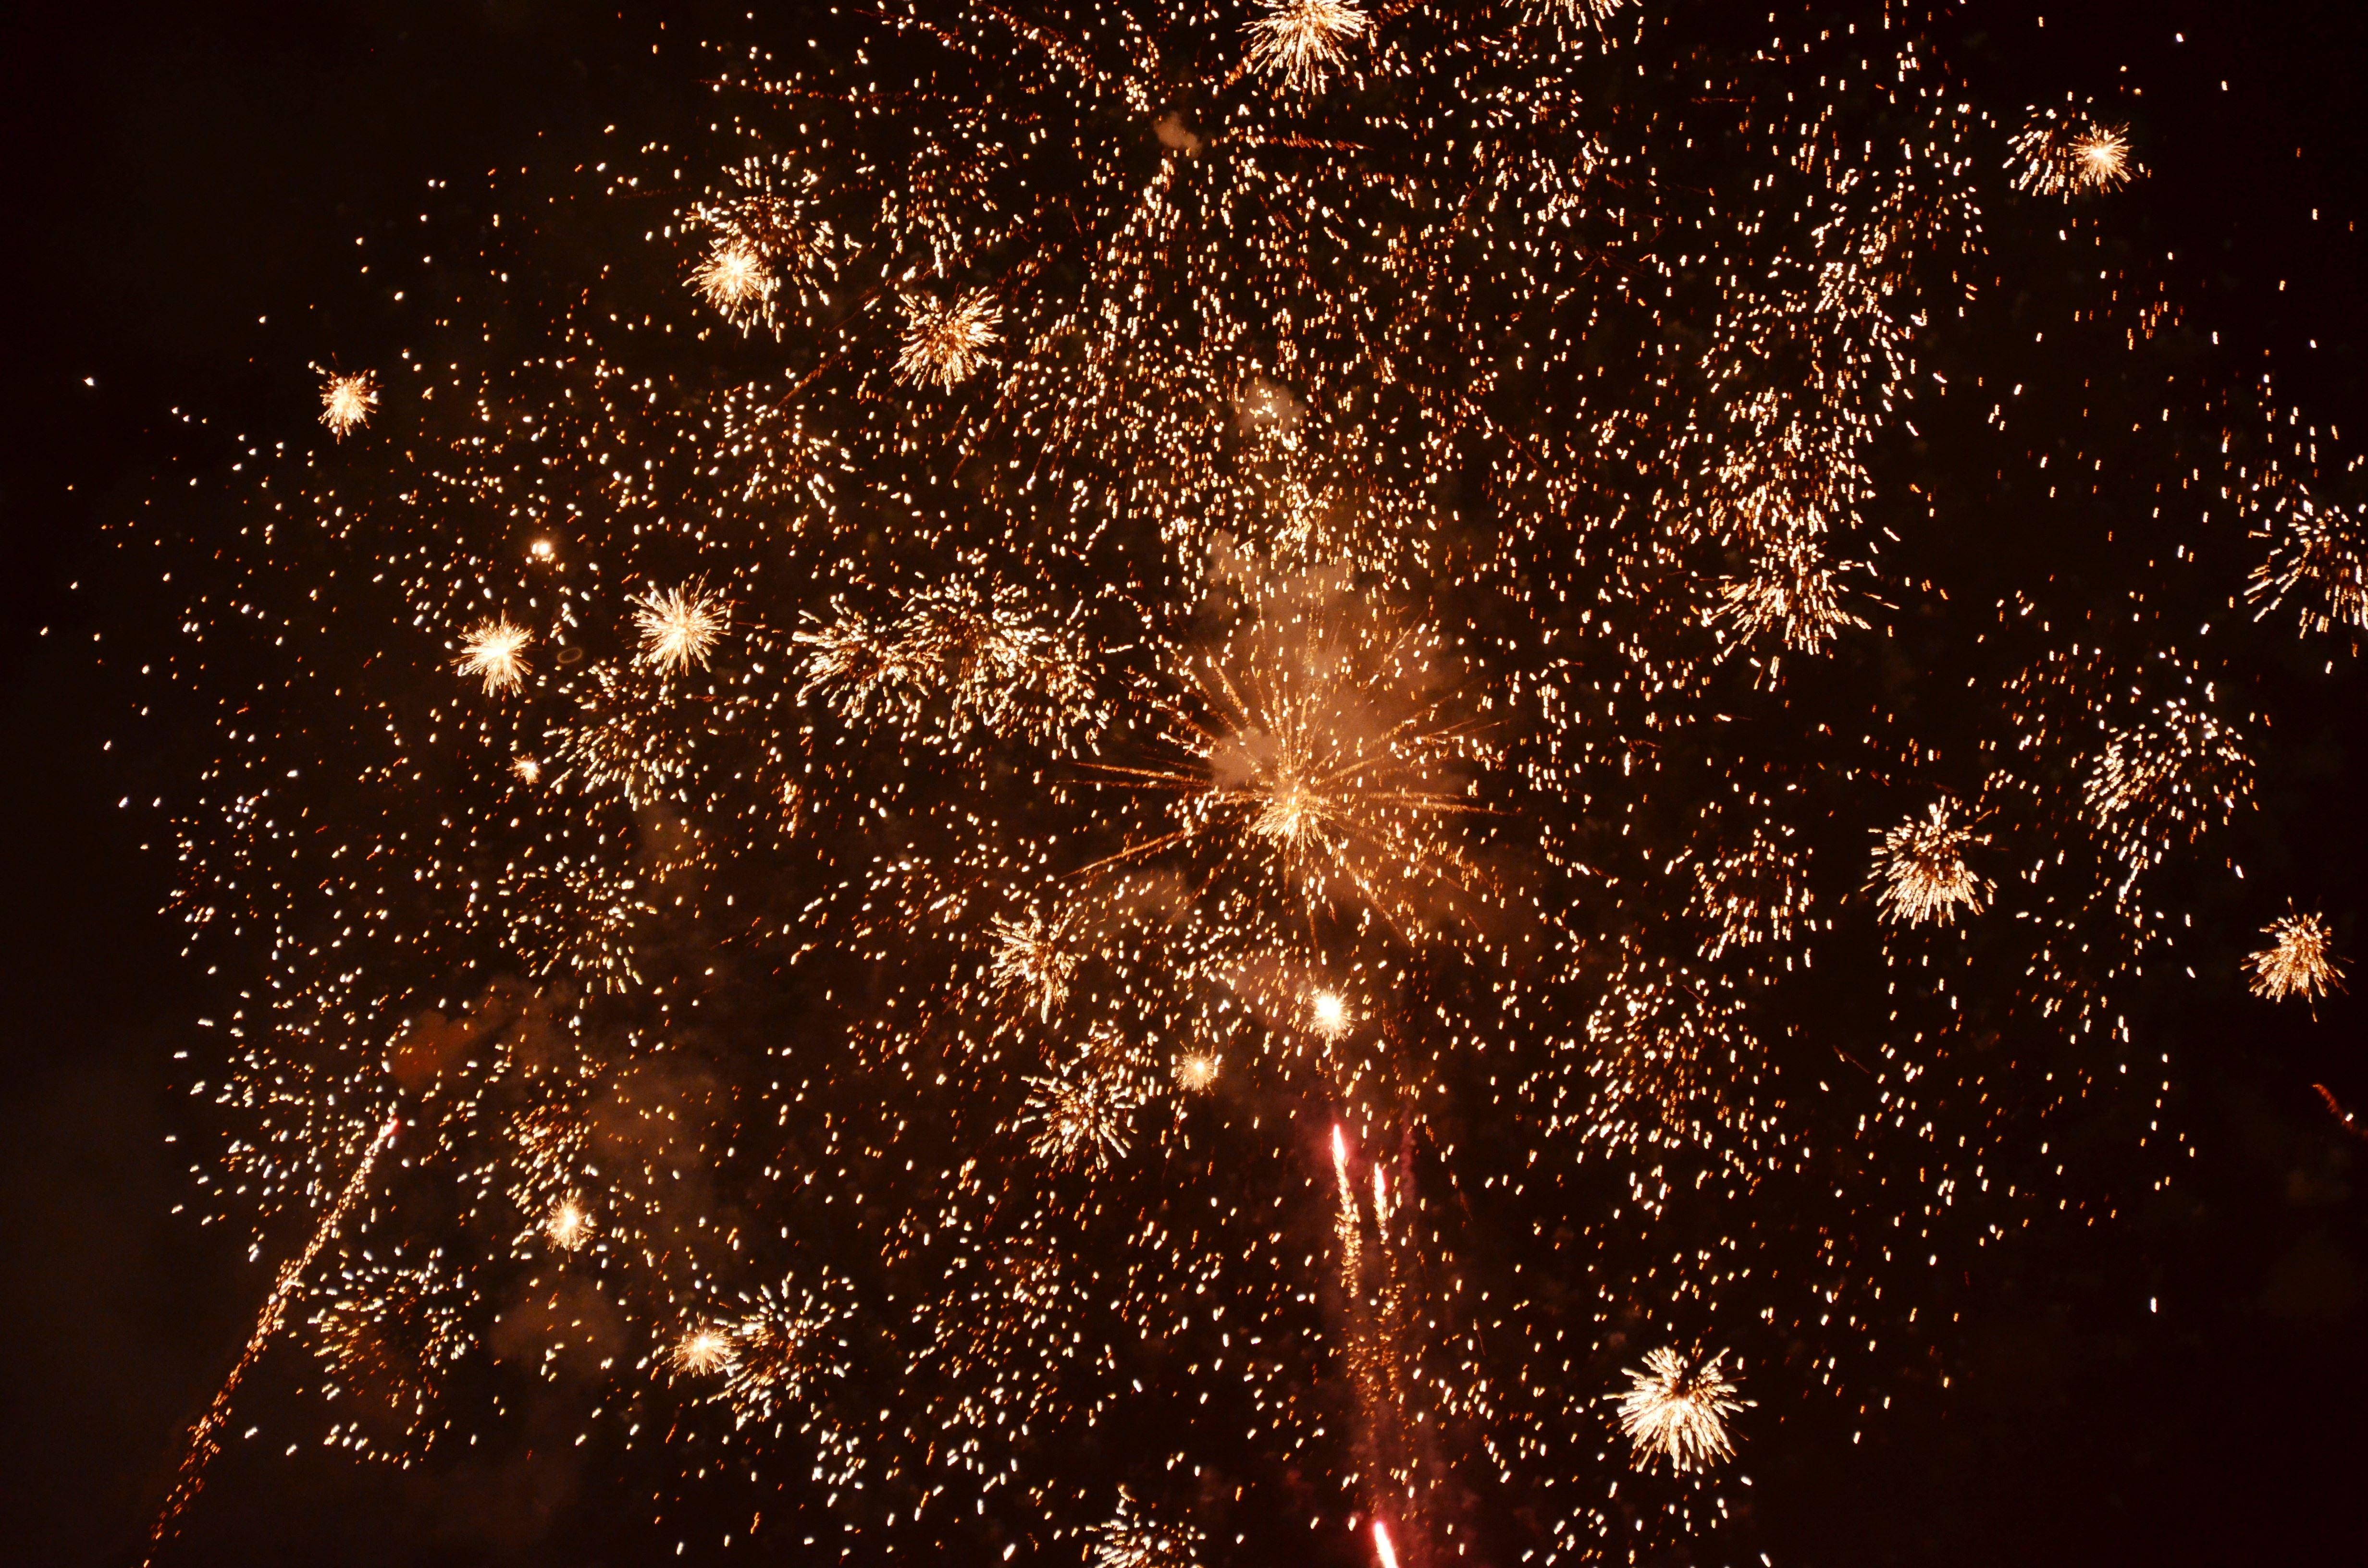 Croisière feu d'artifice à bord de l'Océanite, lundi 10 juin